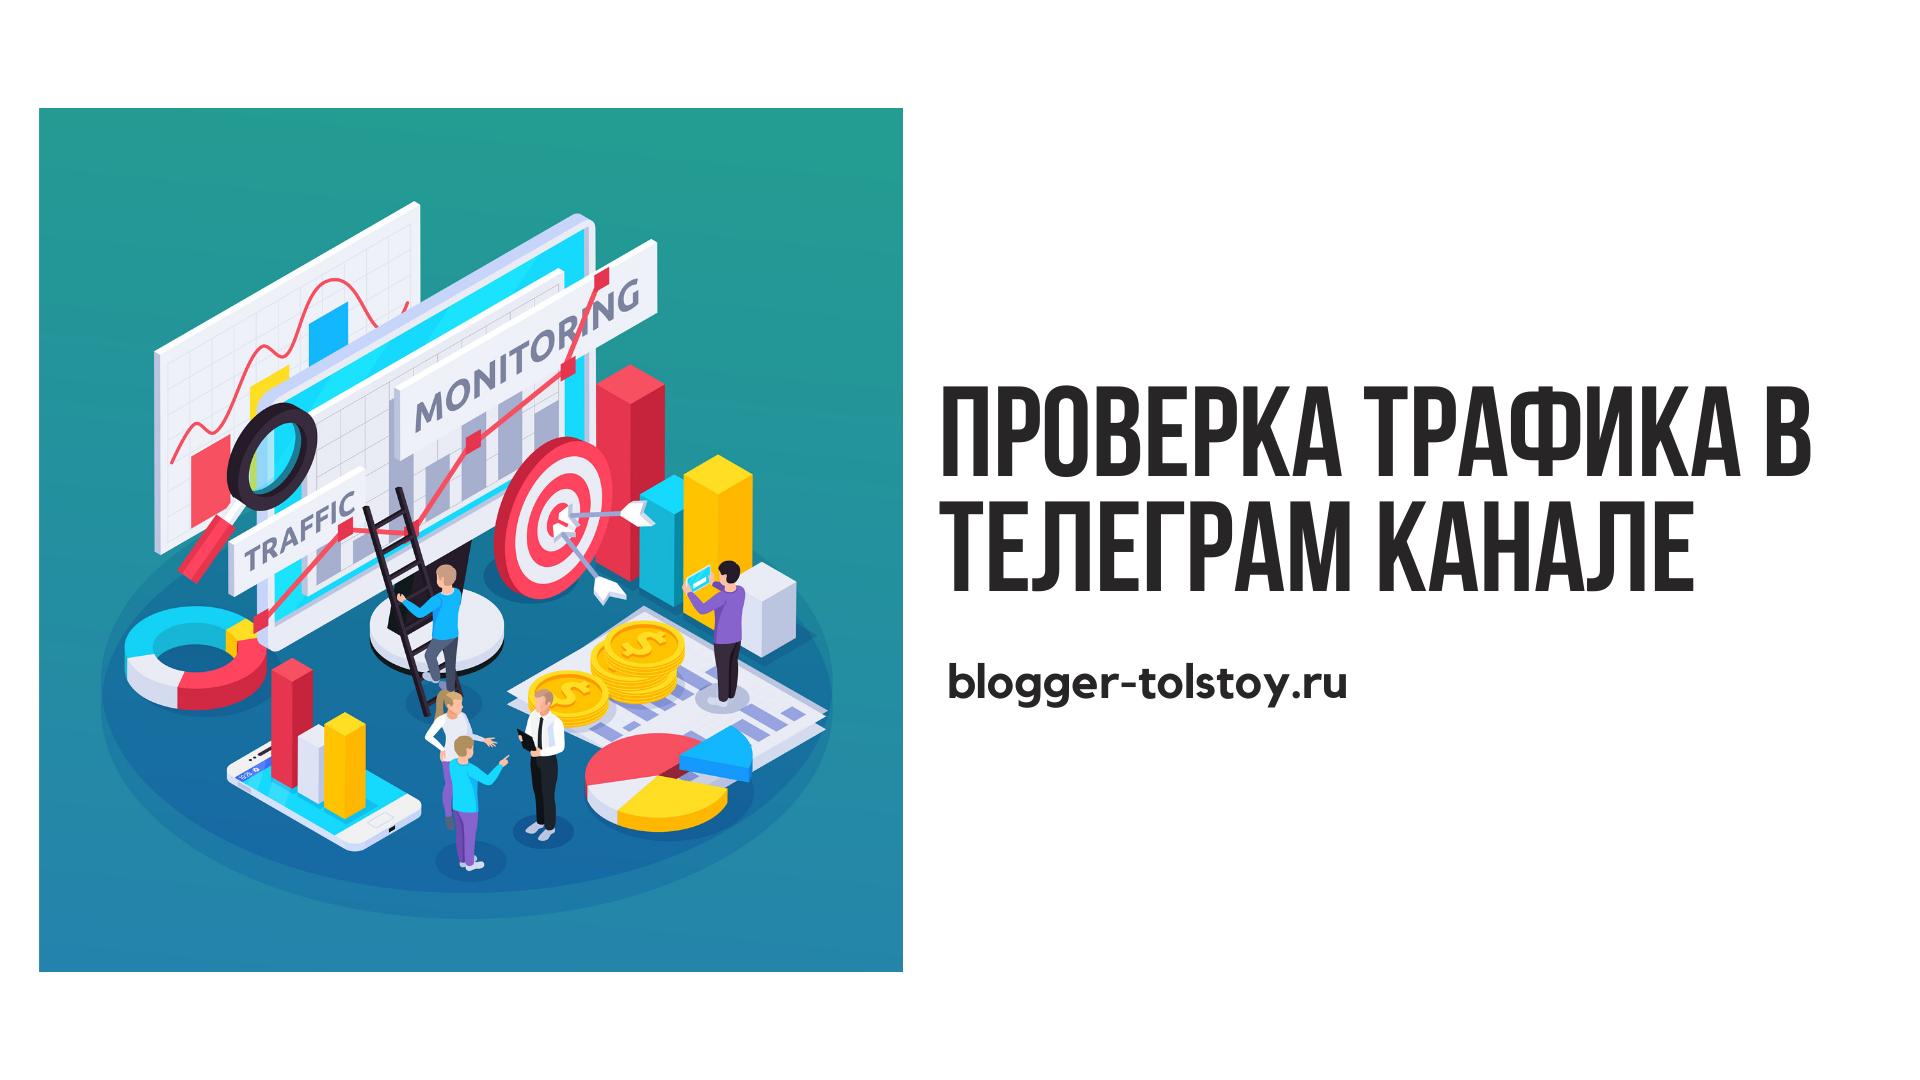 Проверка трафика в телеграм канале при проведении рекламной компании